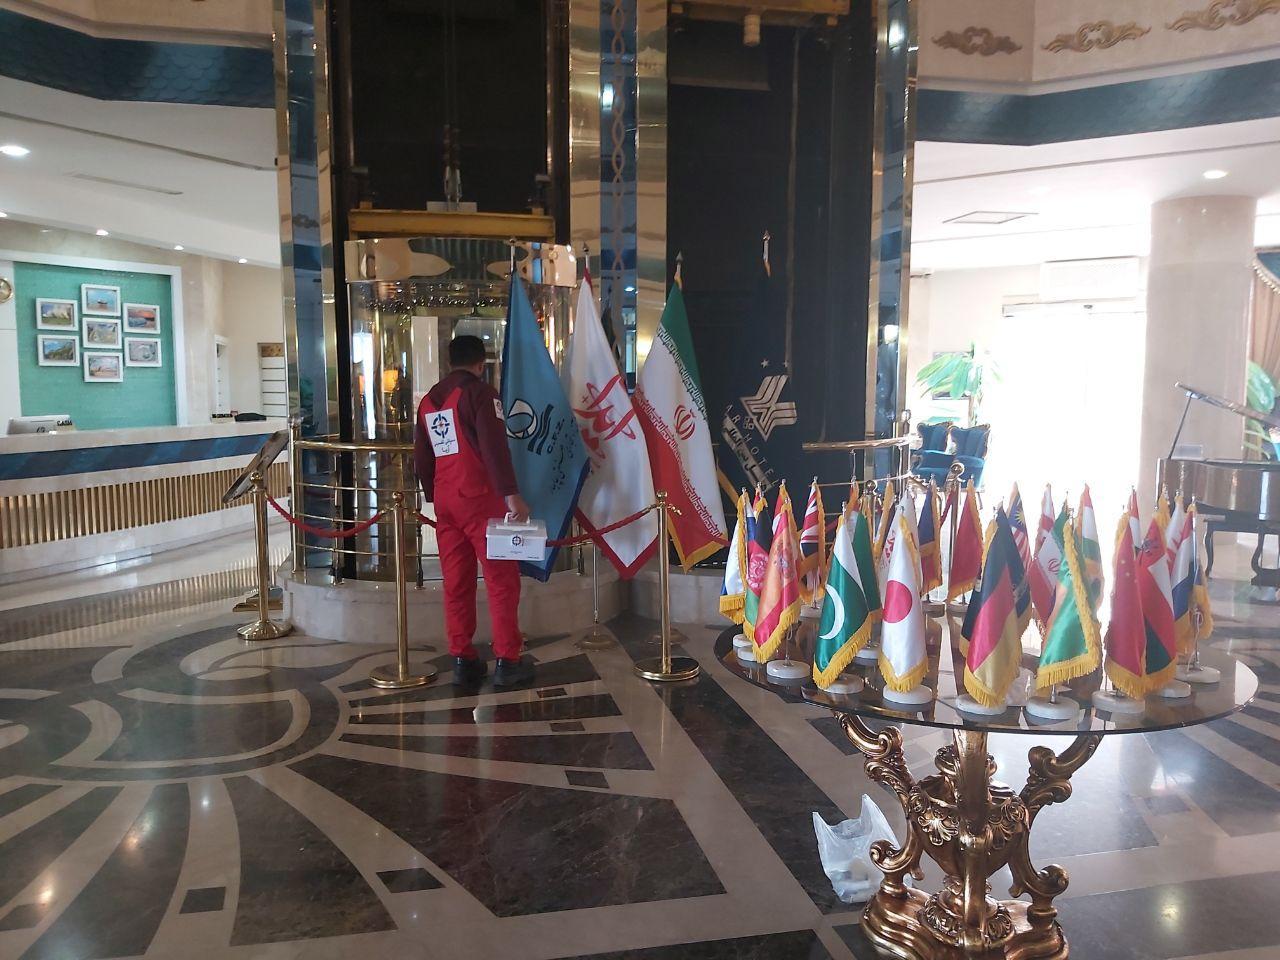 سمپاش هتل در تهران ، شیراز ، بوشهر ، عسلویه